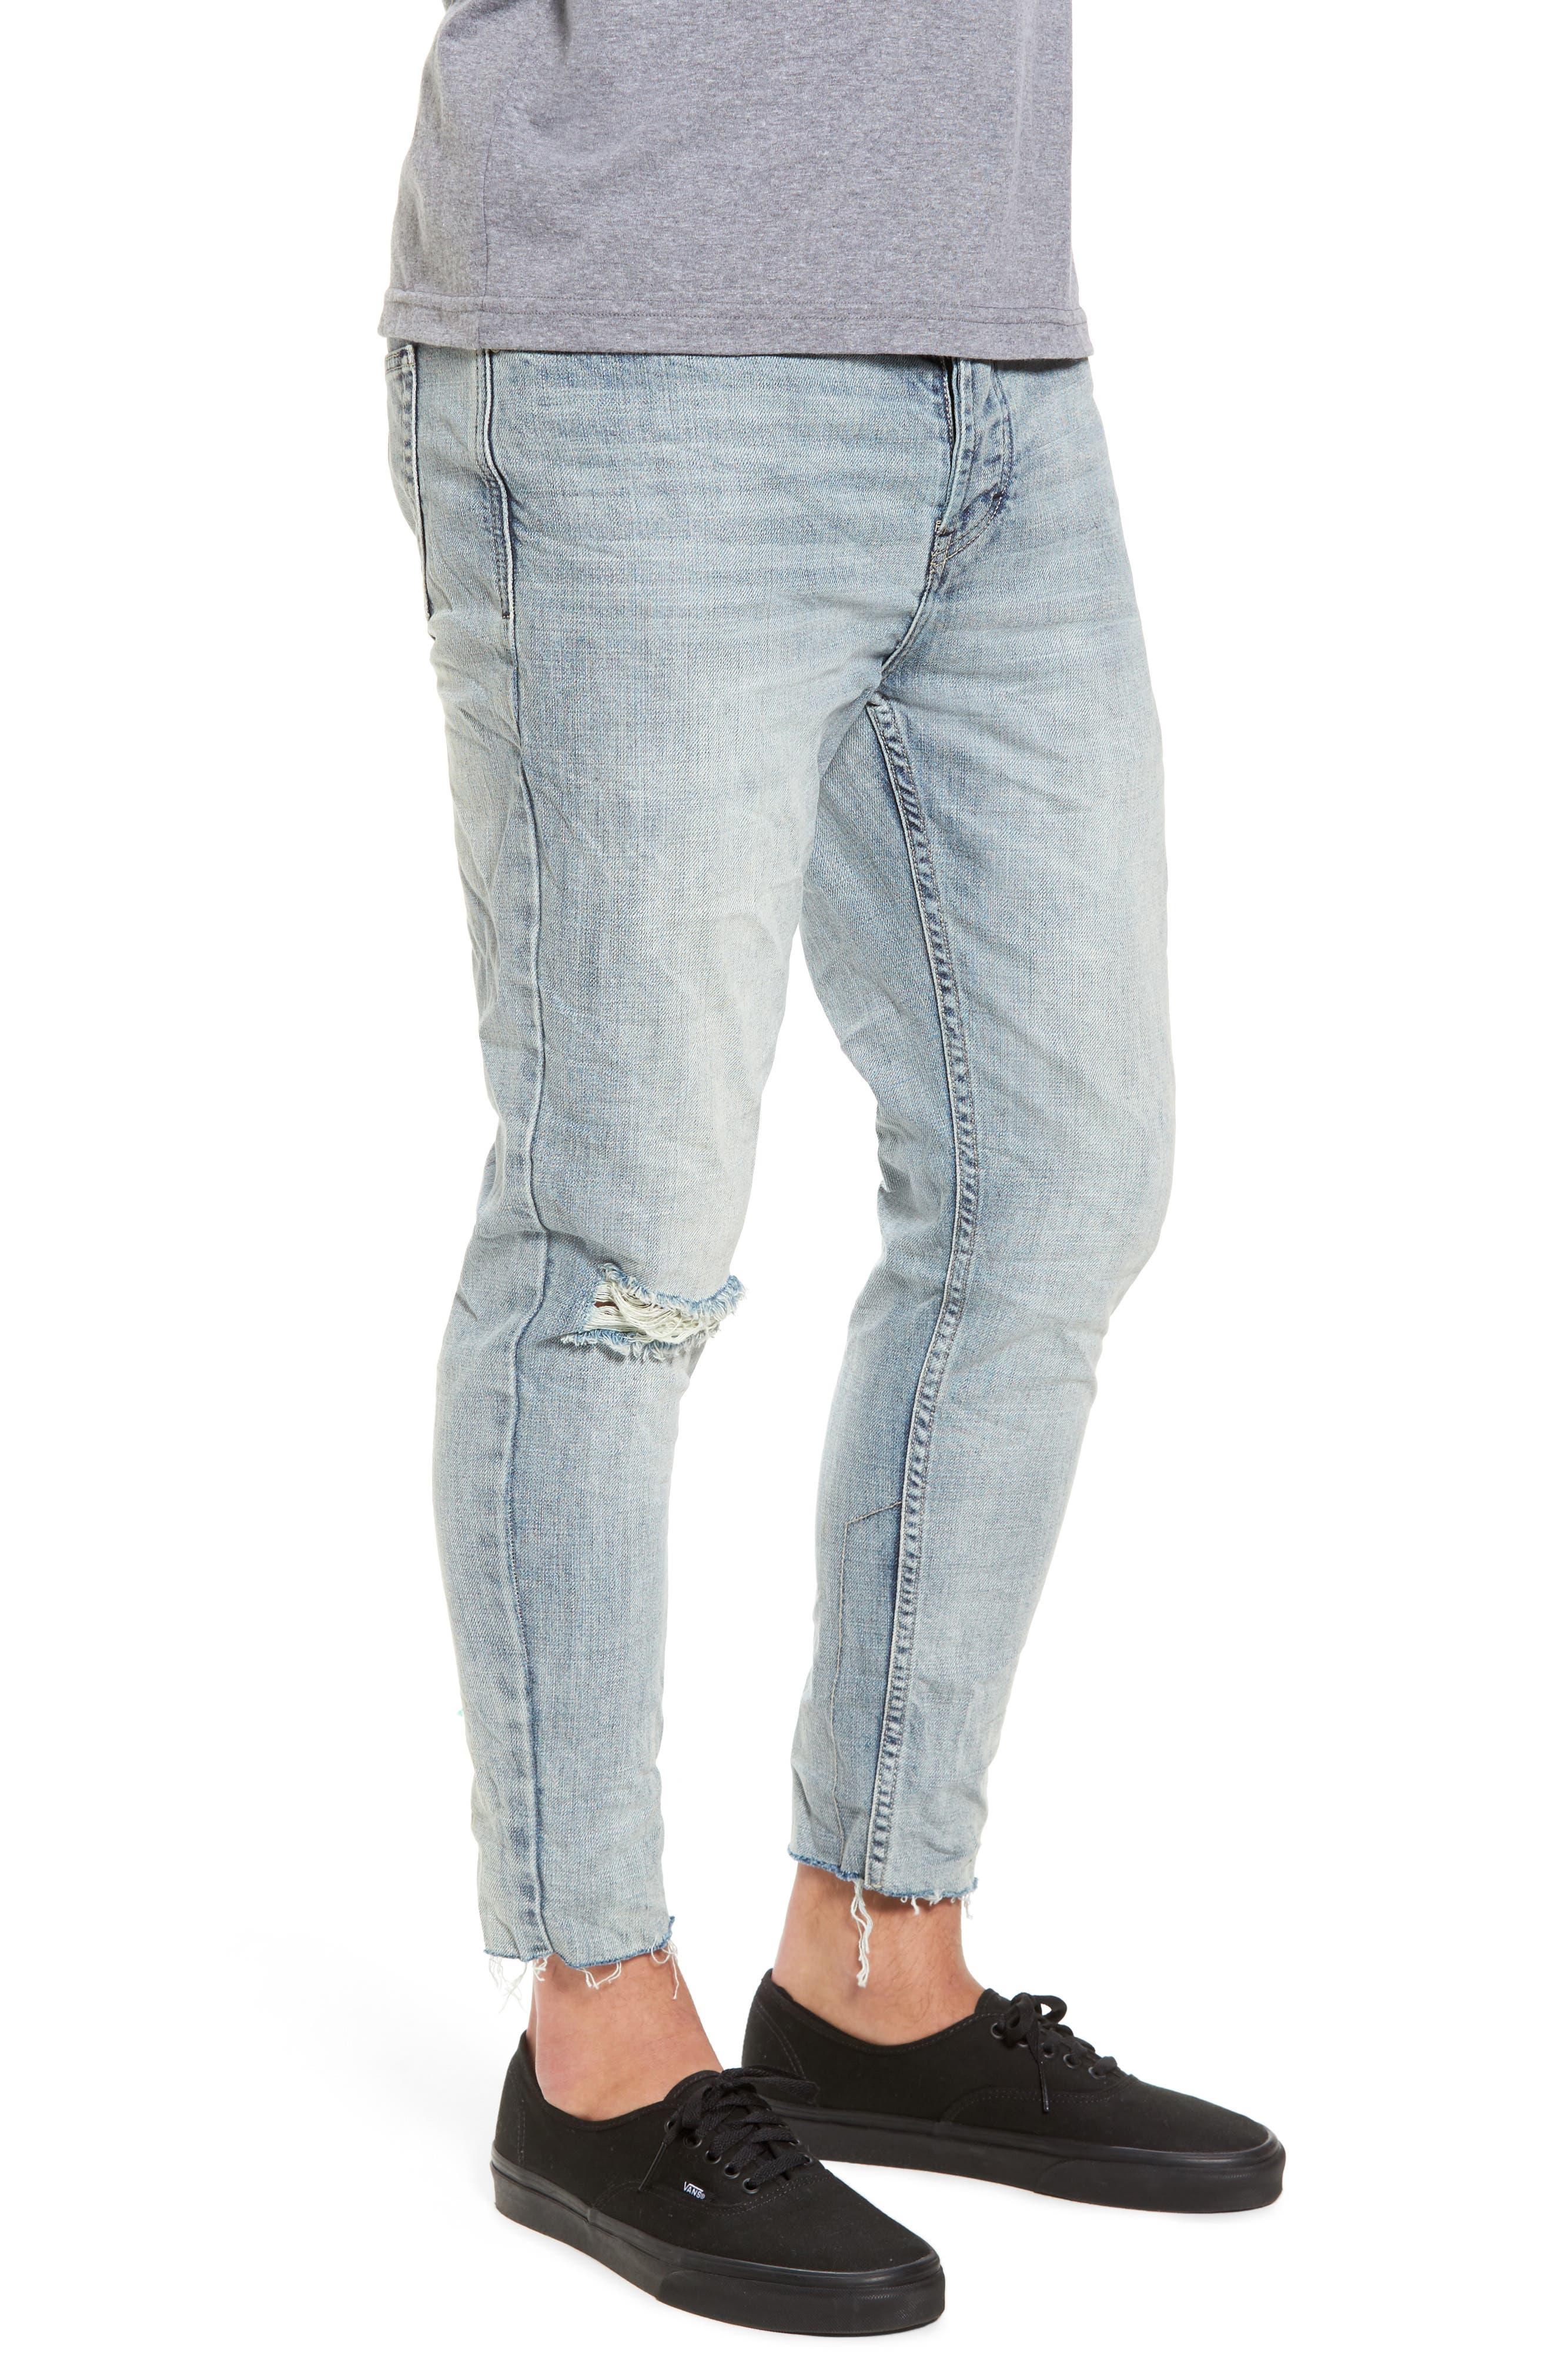 B.Line Crop Slim Fit Jeans,                             Alternate thumbnail 3, color,                             90S Stonewash